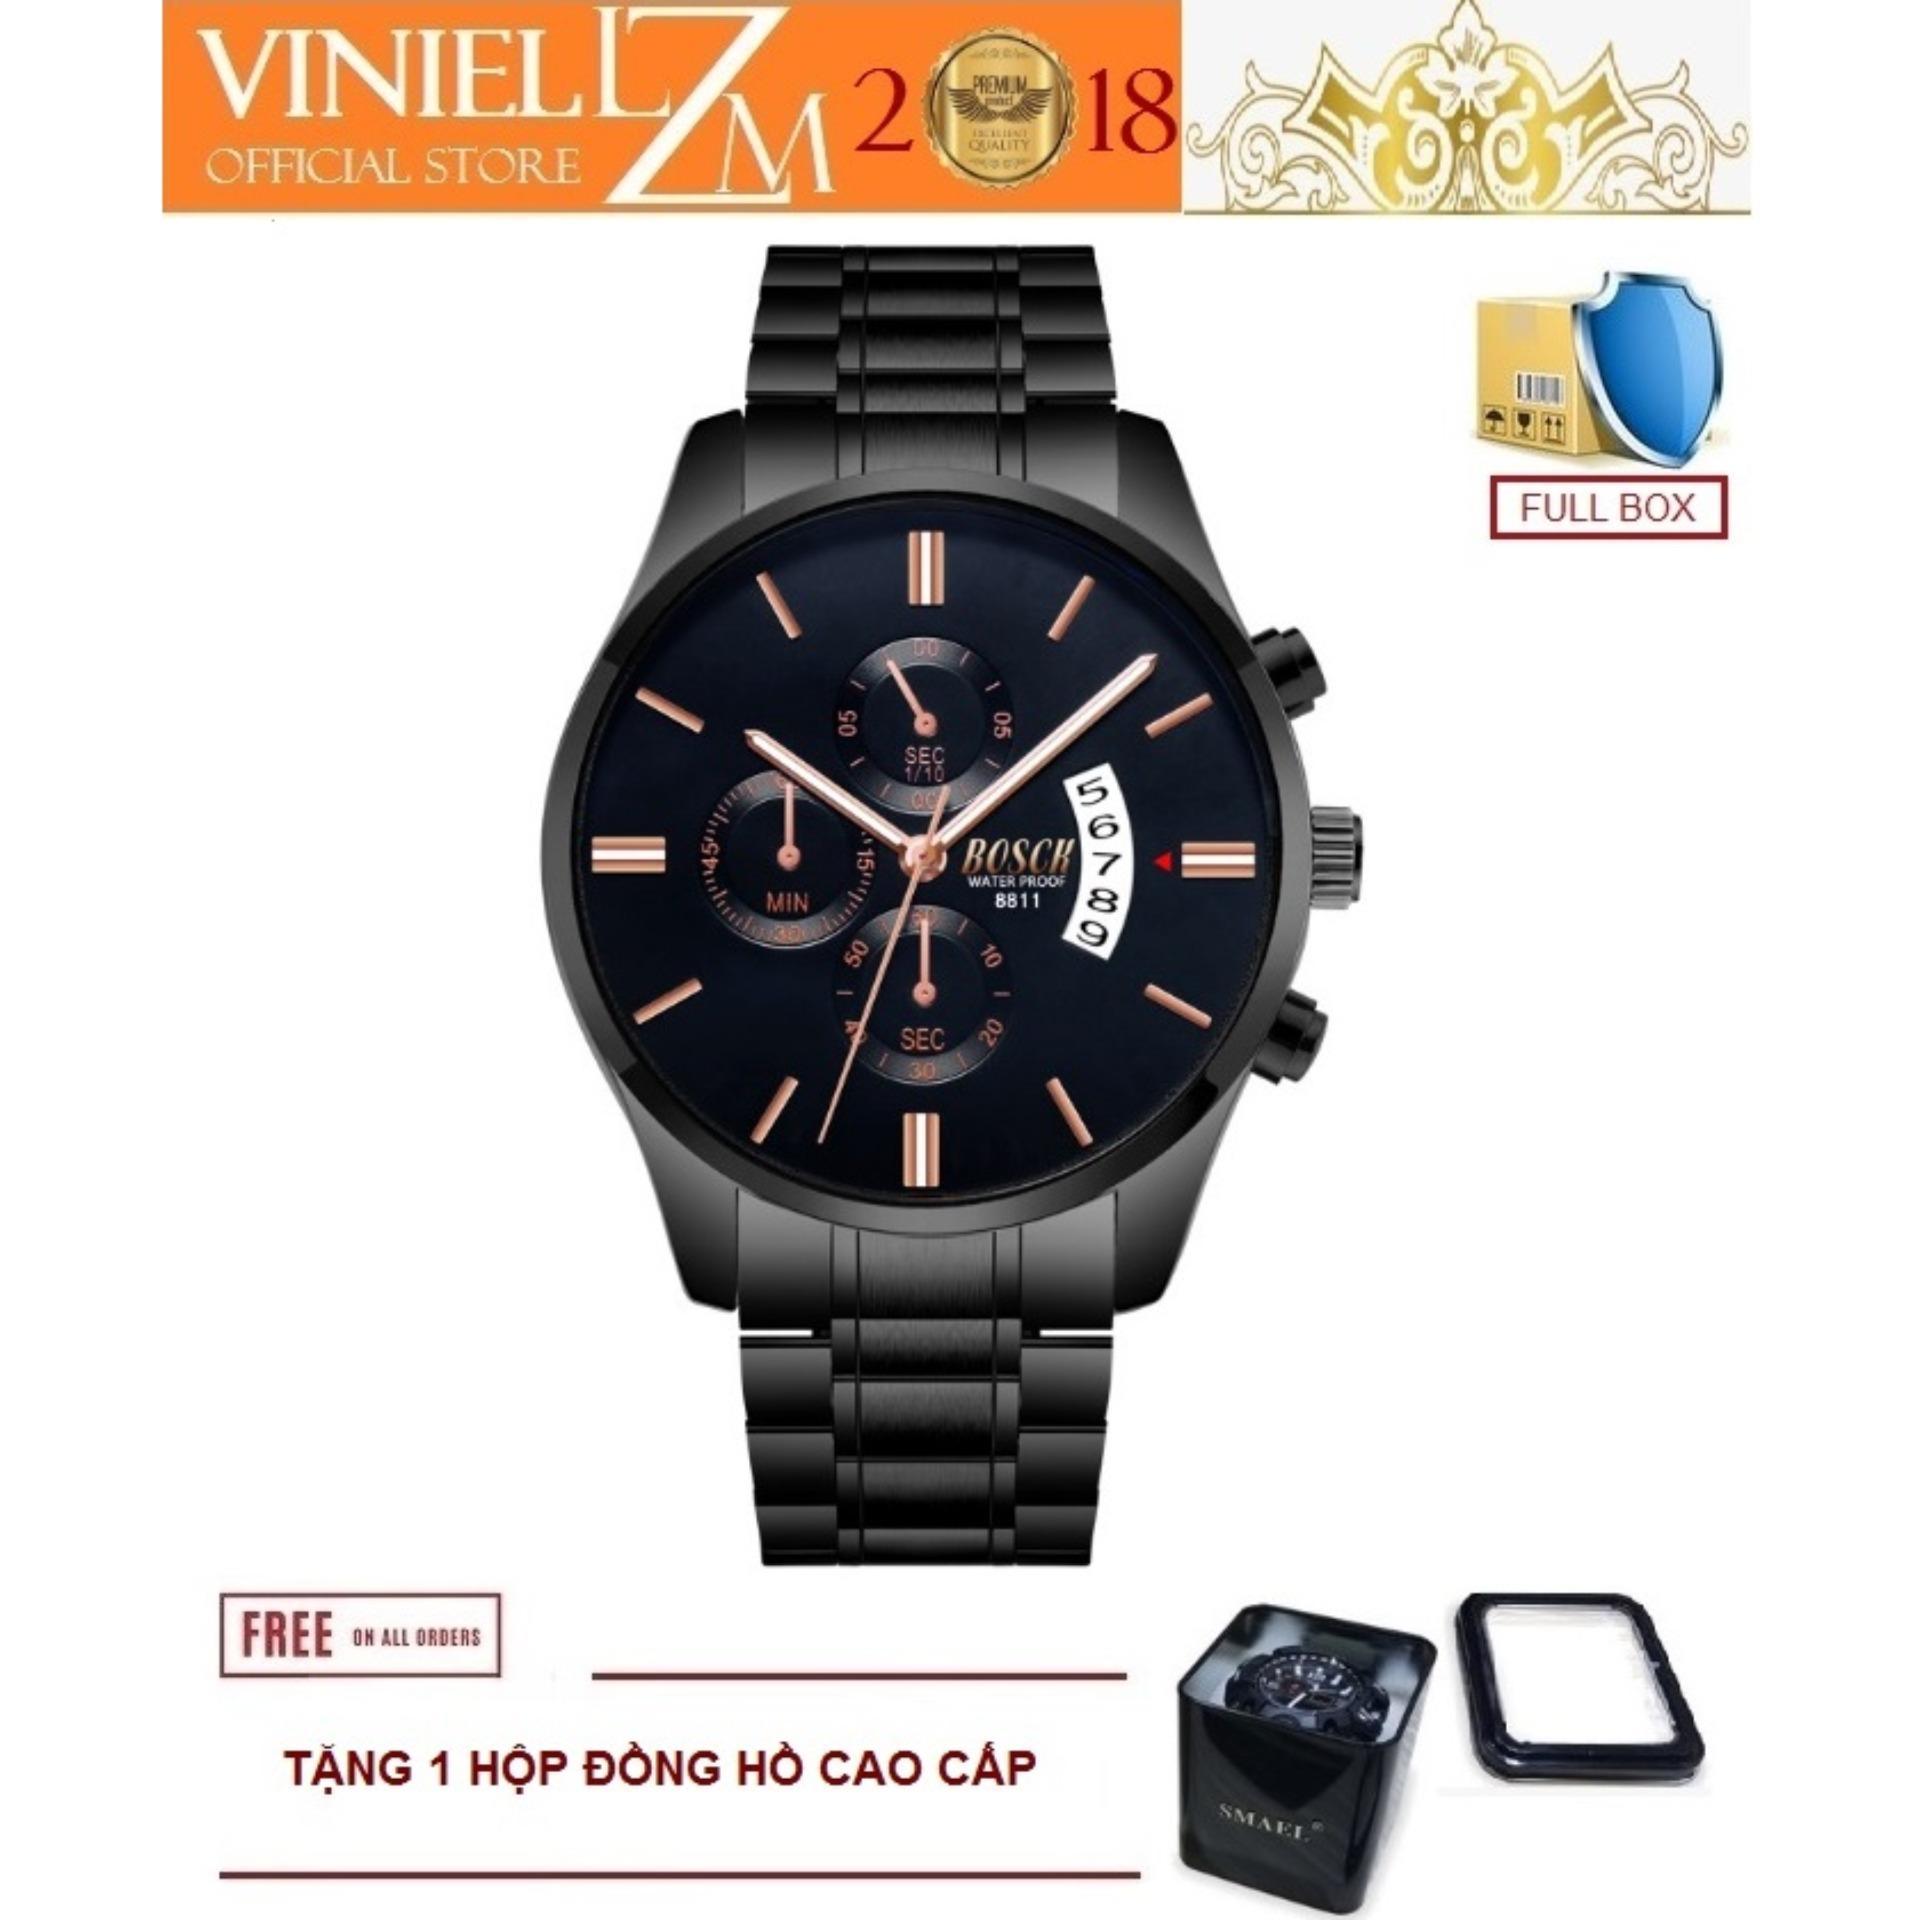 Nơi bán Đồng hồ nam dây thép thiết kế thời trang chống xước BCK-3ATM/51